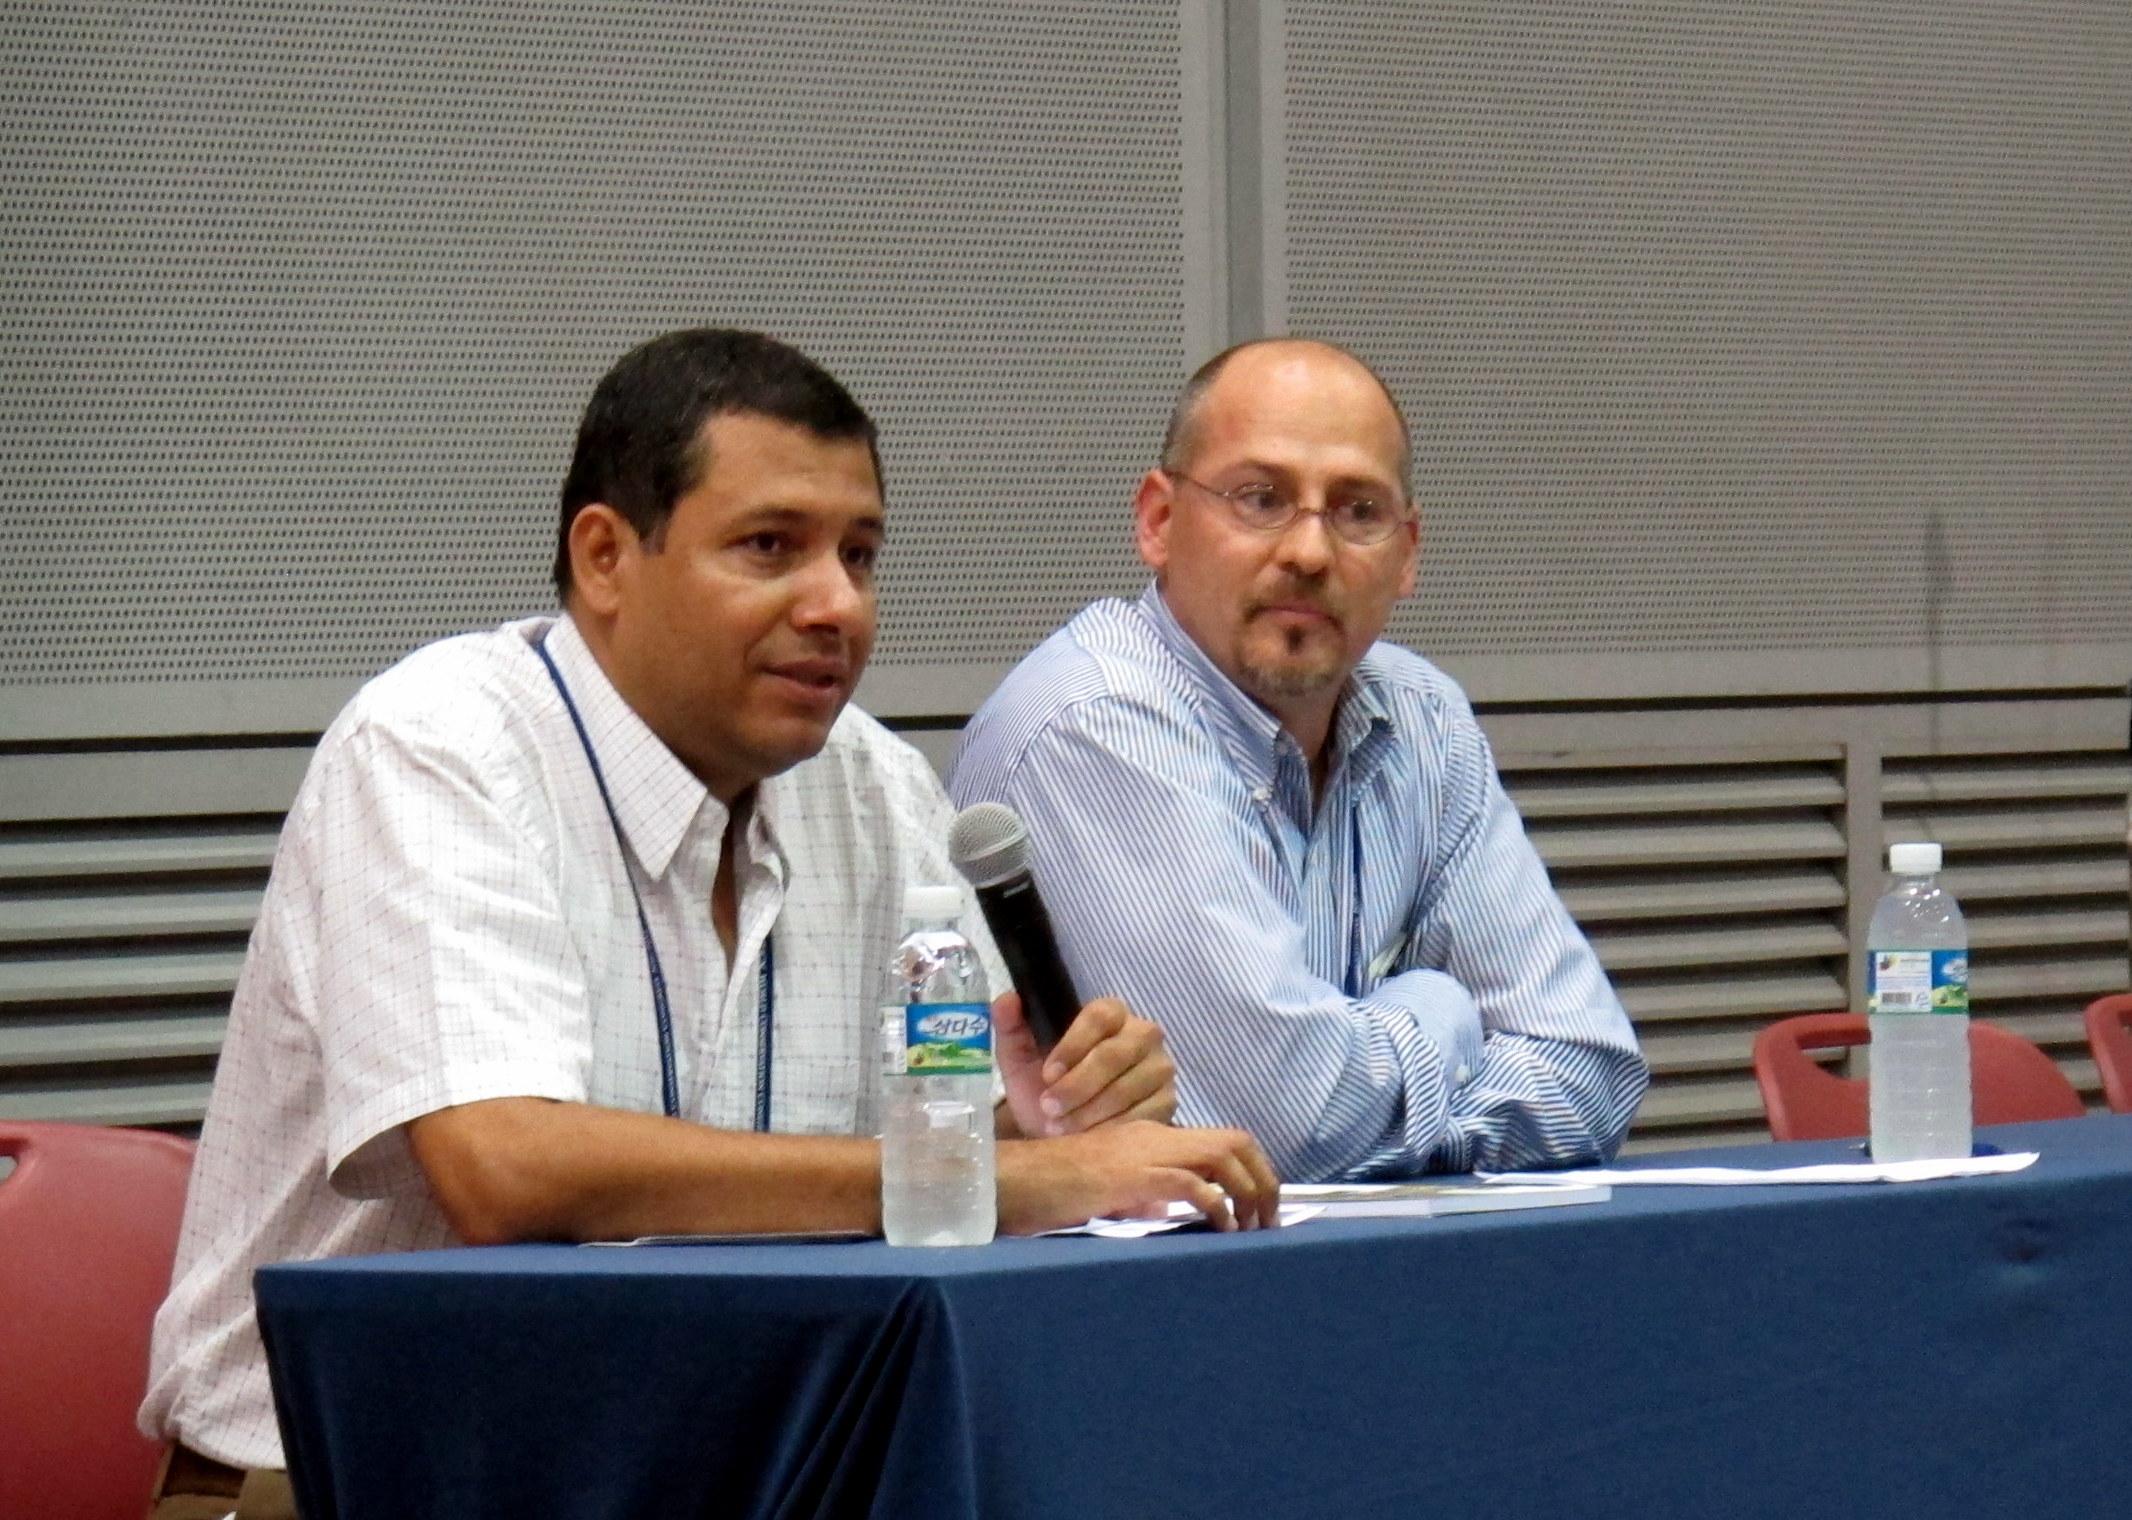 Adalberto_Padilla_IUCN_and_Claudio_Schneider